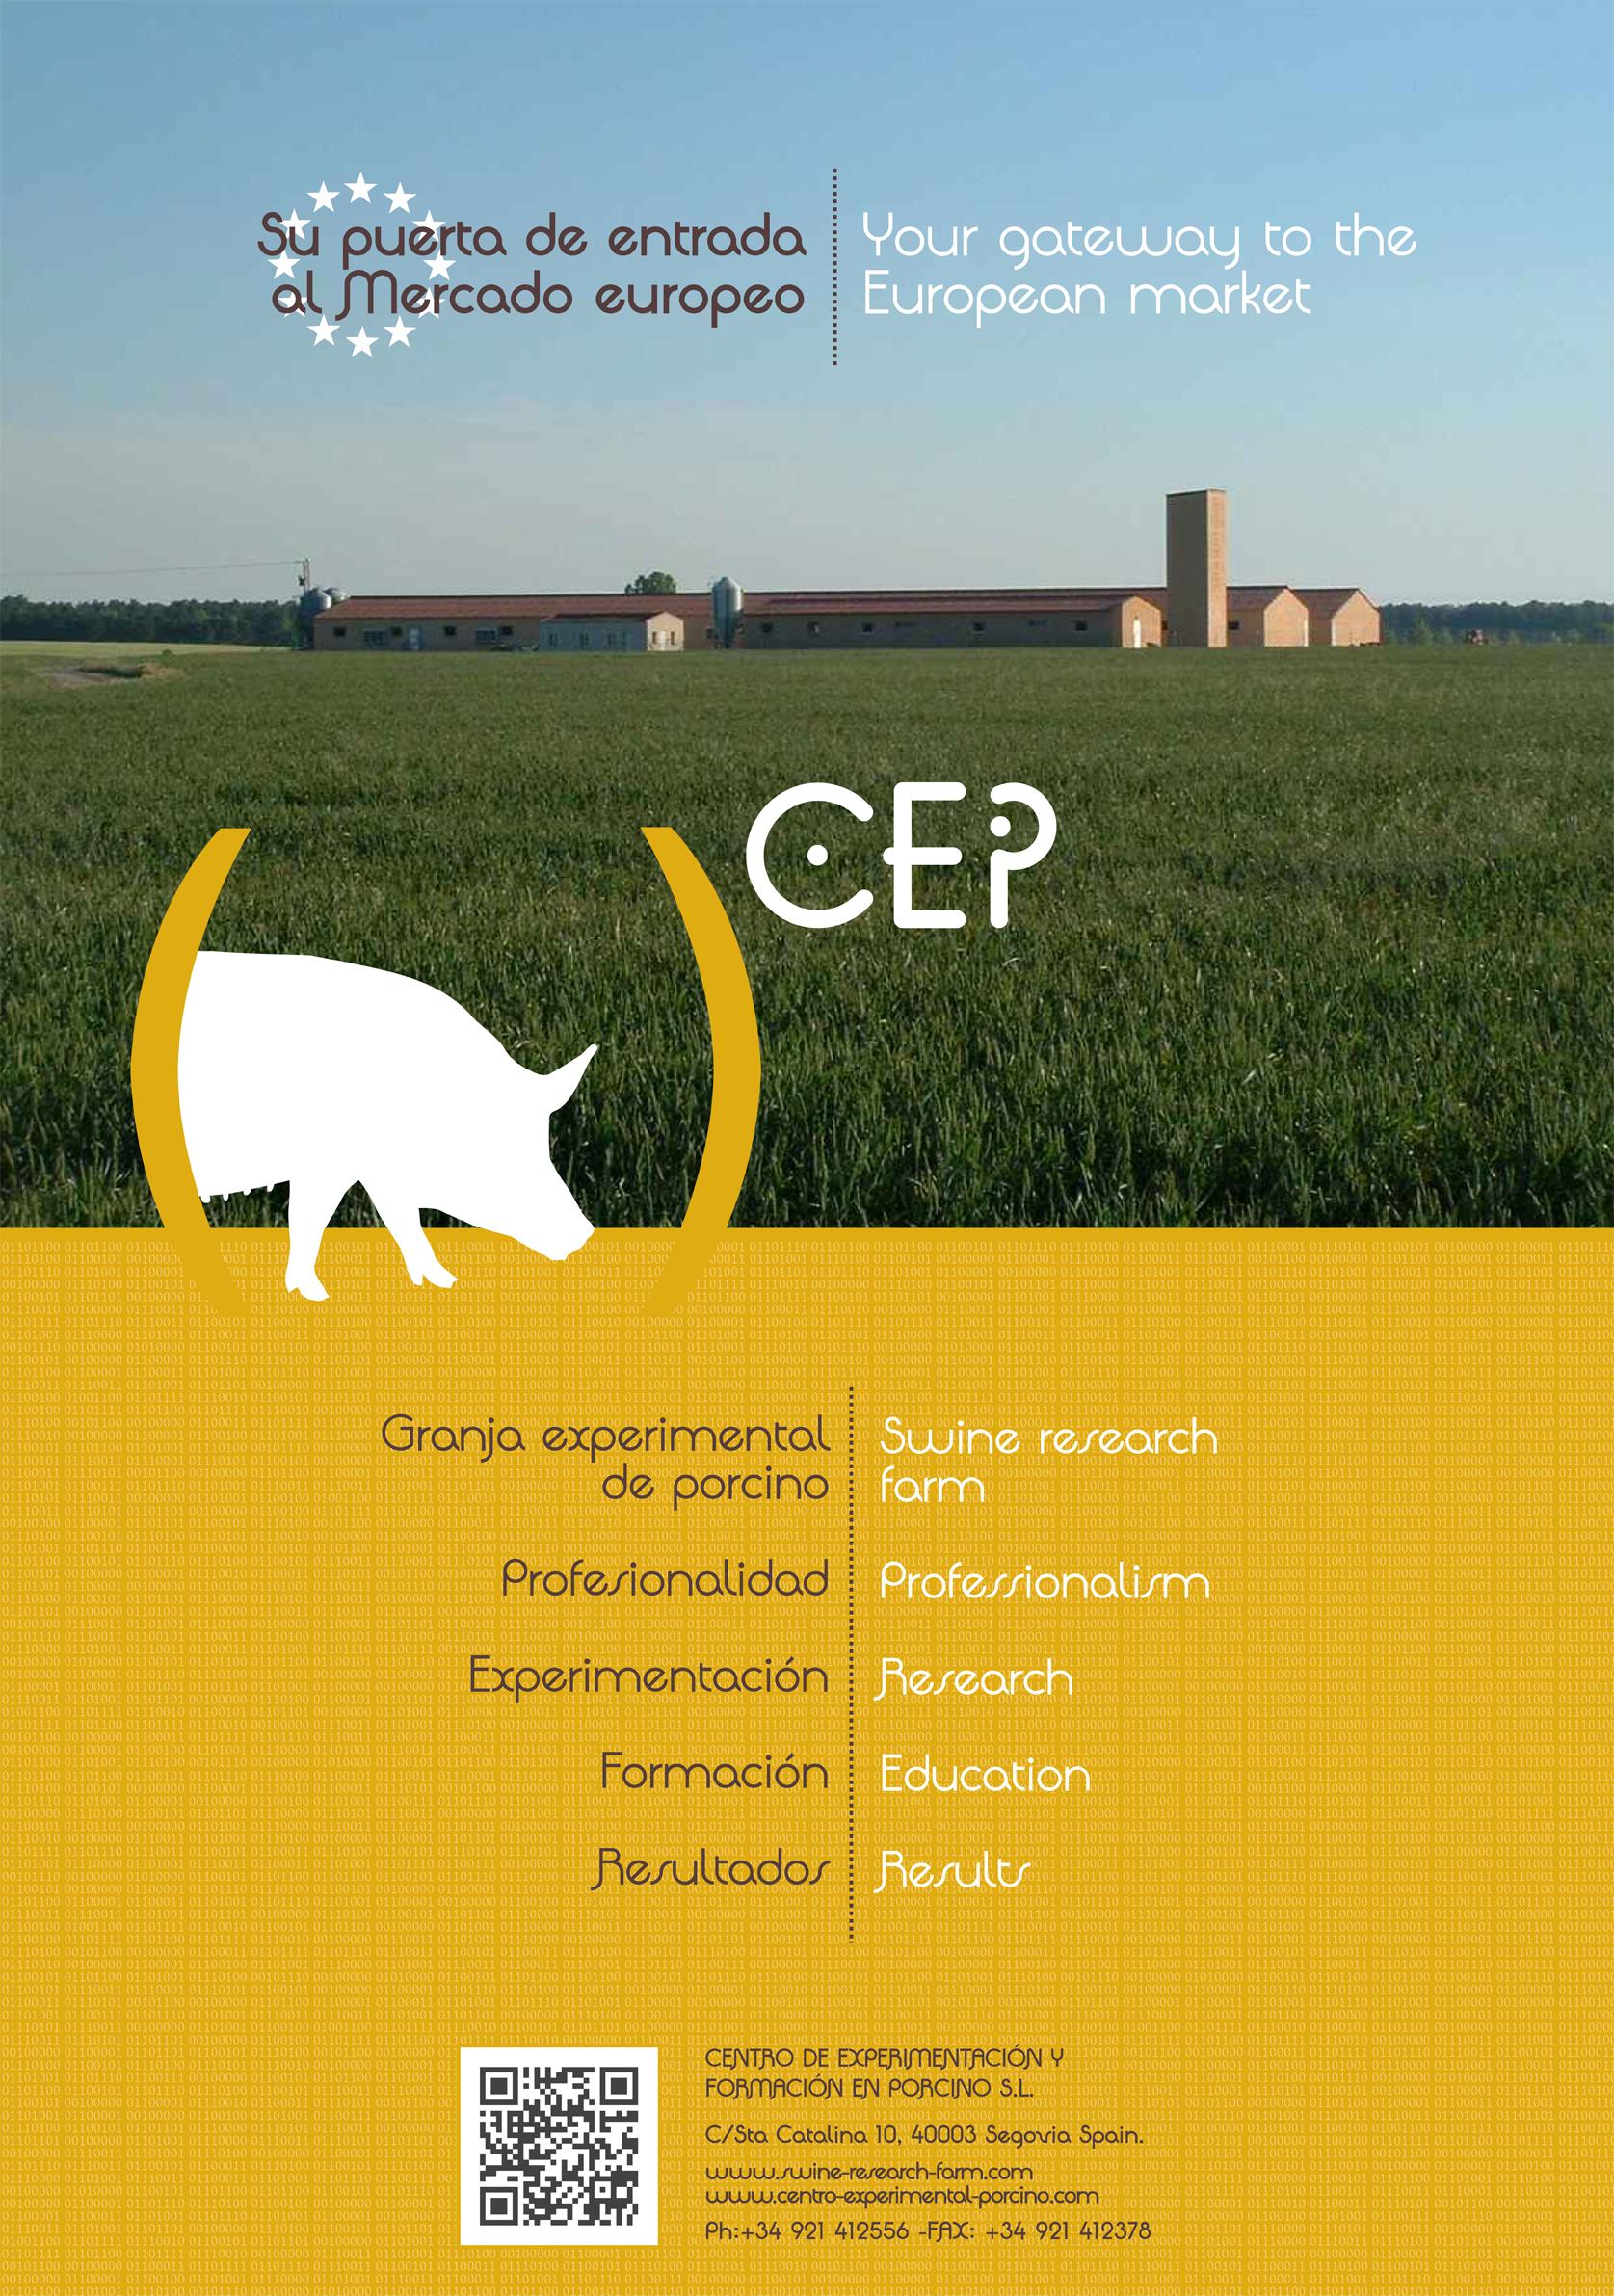 CEP Genérico